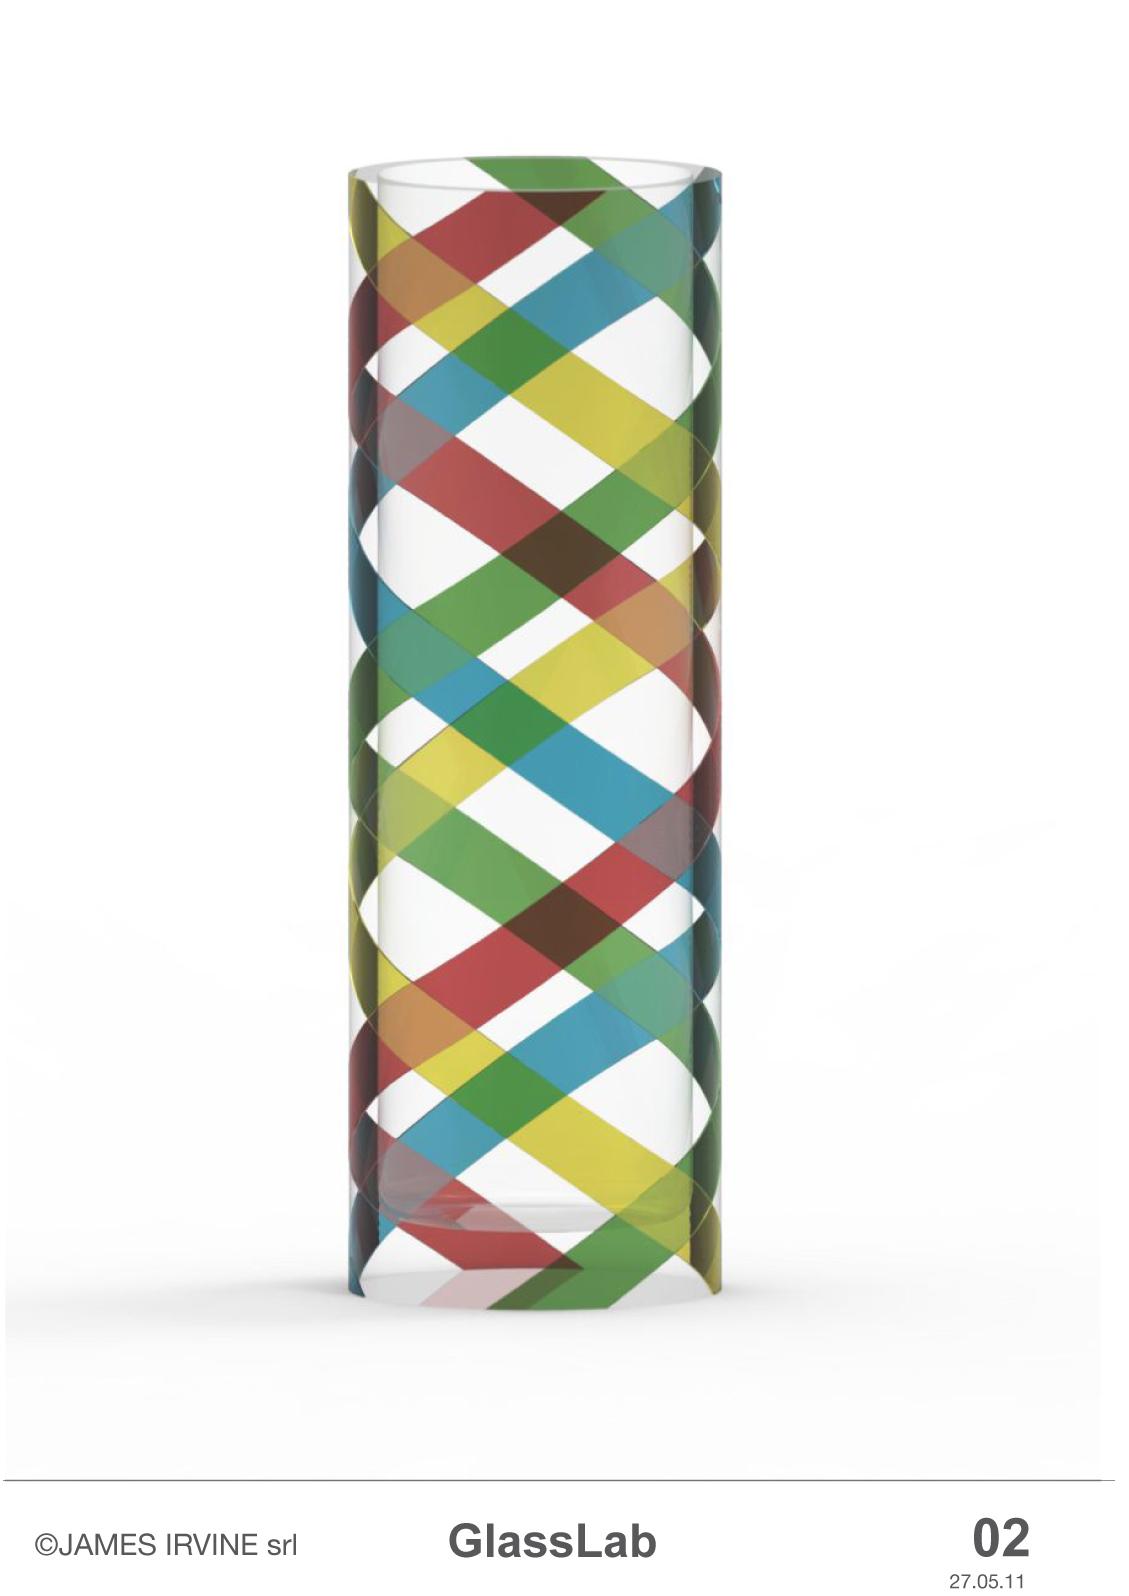 Design concept by James Irvine for GlassLab at Art Basel 2011